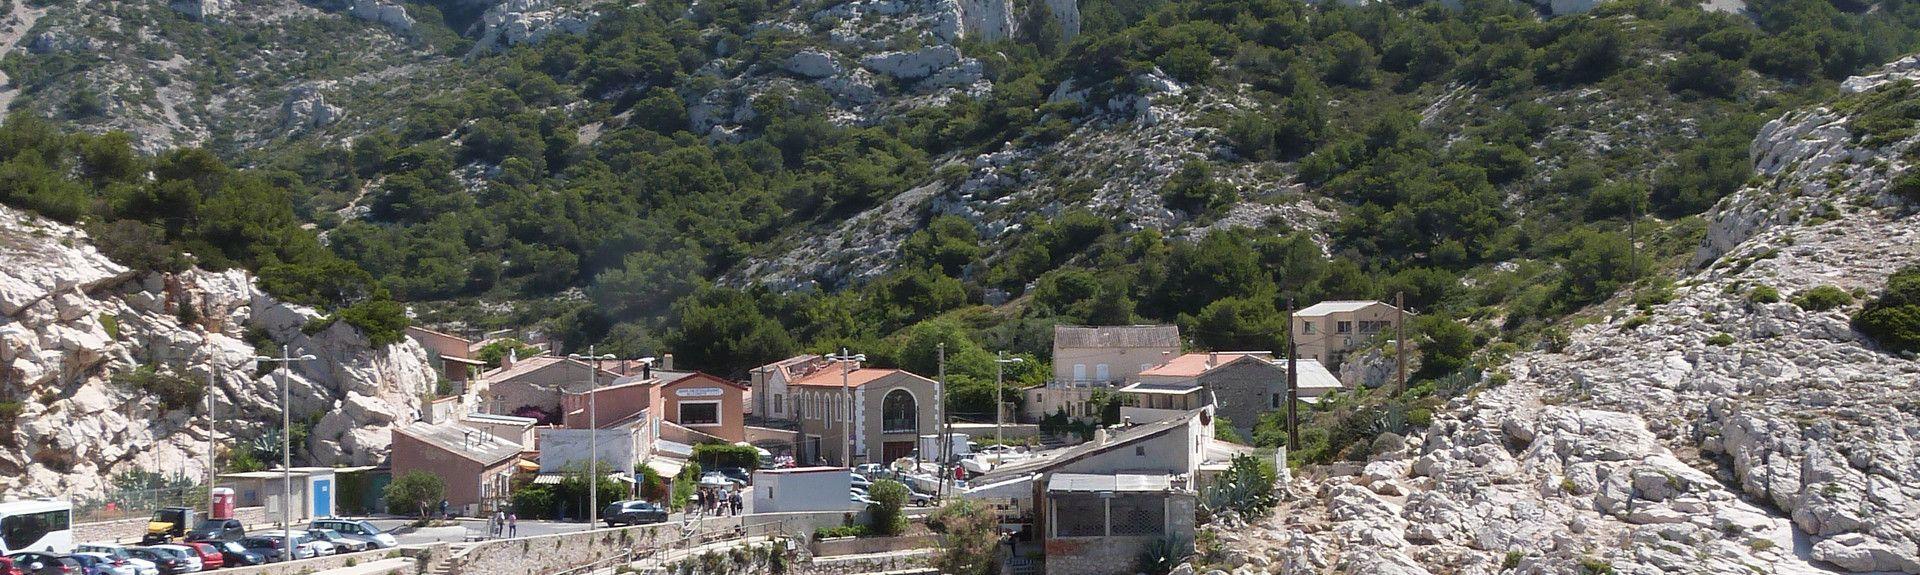 Sormiou, Marseille, Provence-Alpes-Côte d'Azur, Ranska